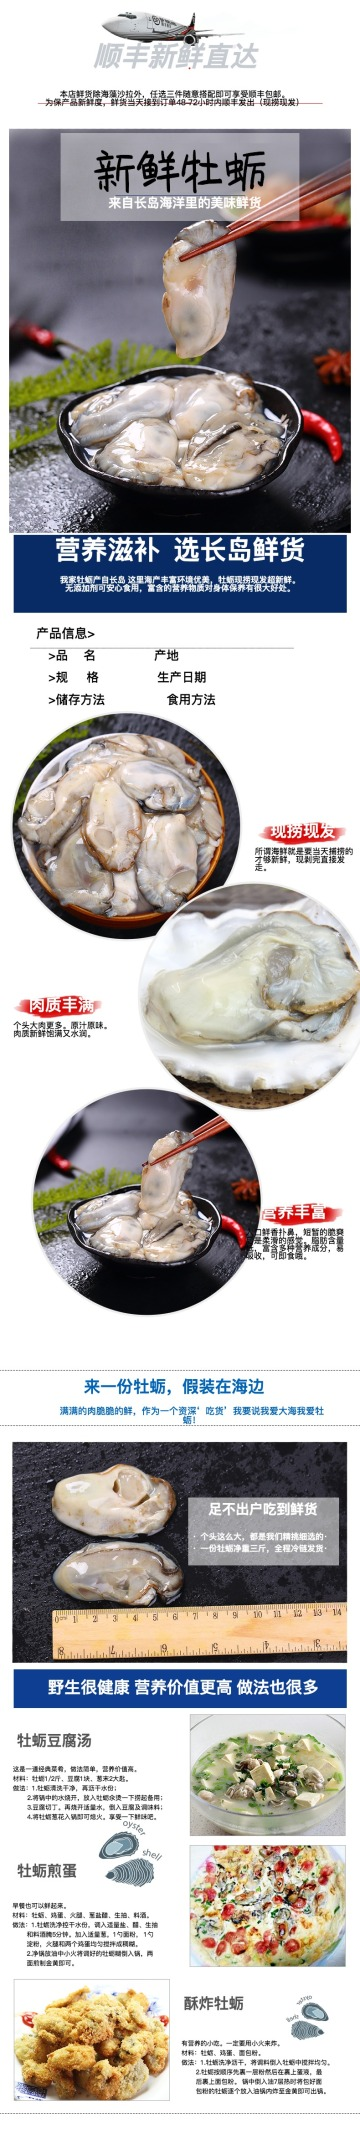 简约清新大方新鲜牡蛎电商详情图